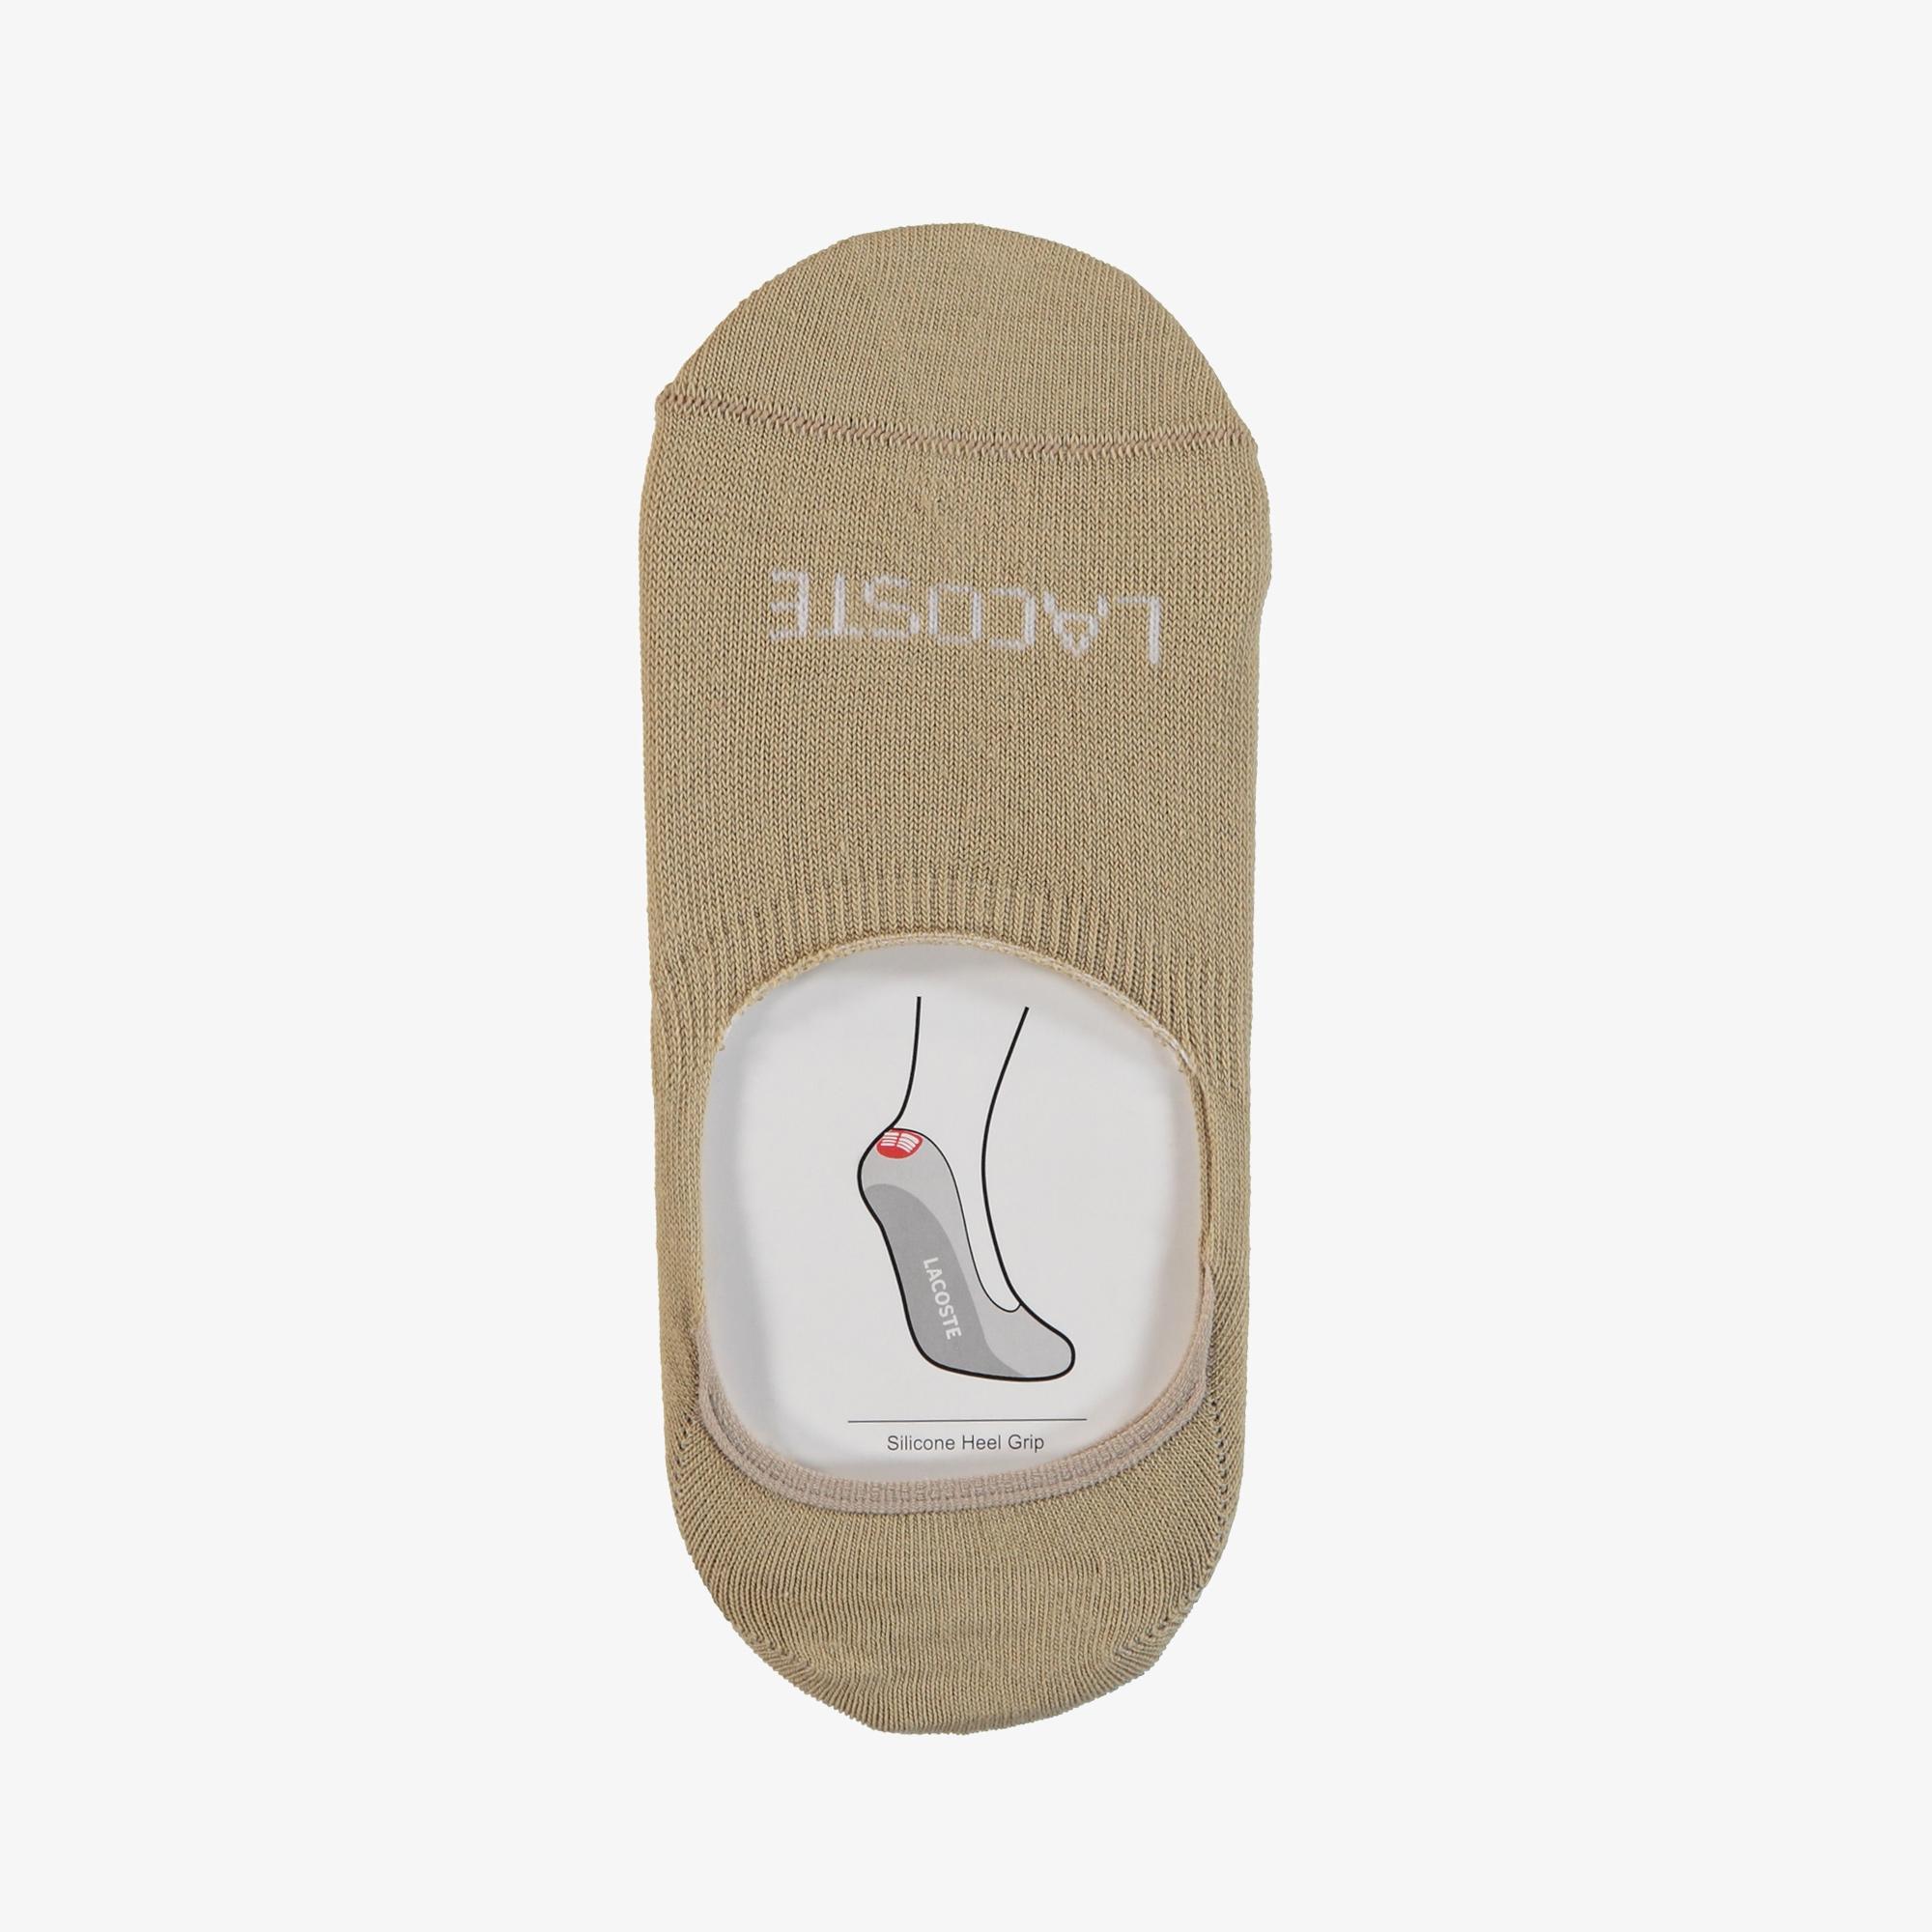 Lacoste Unisex Bej - Beyaz 2'li Çorap